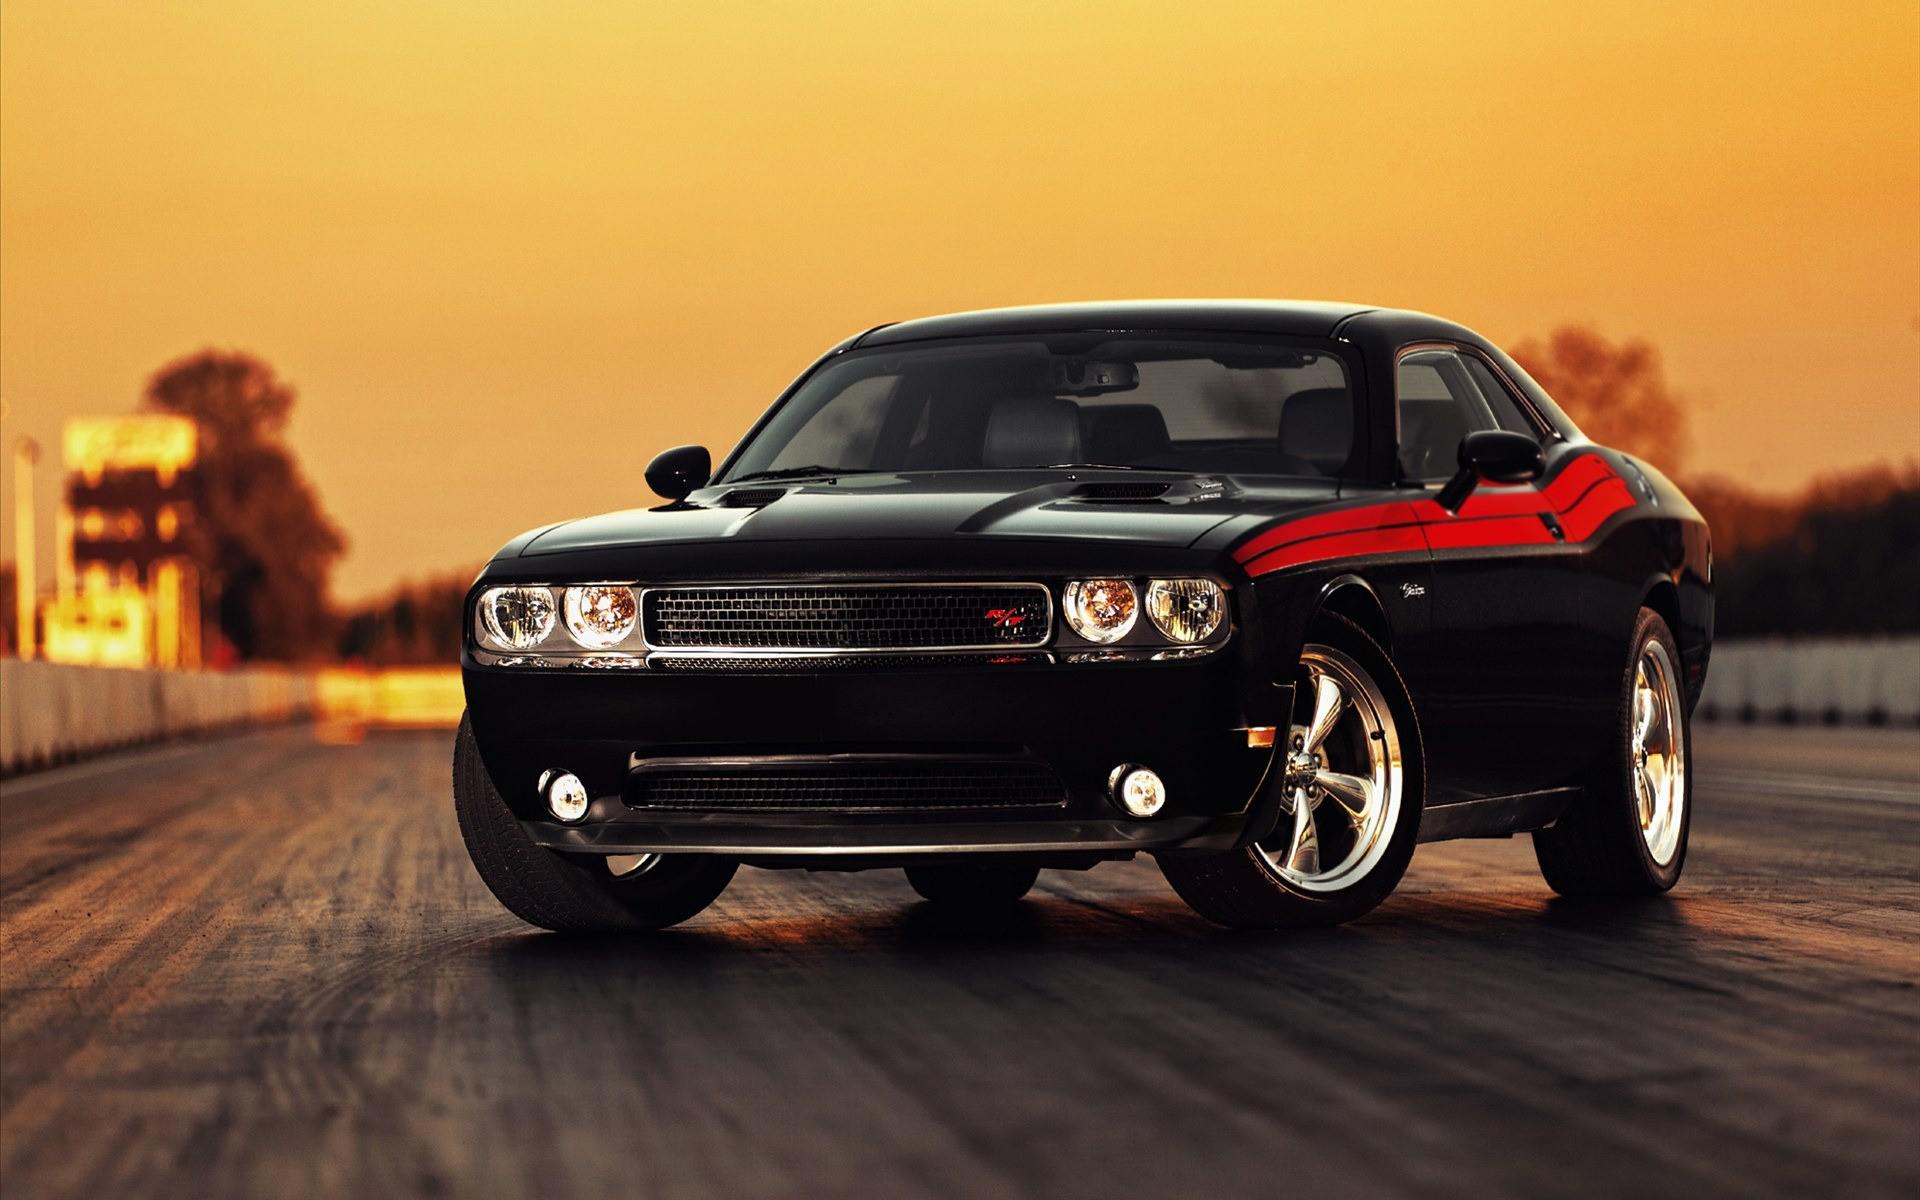 Dodge Challenger negro - 1920x1200